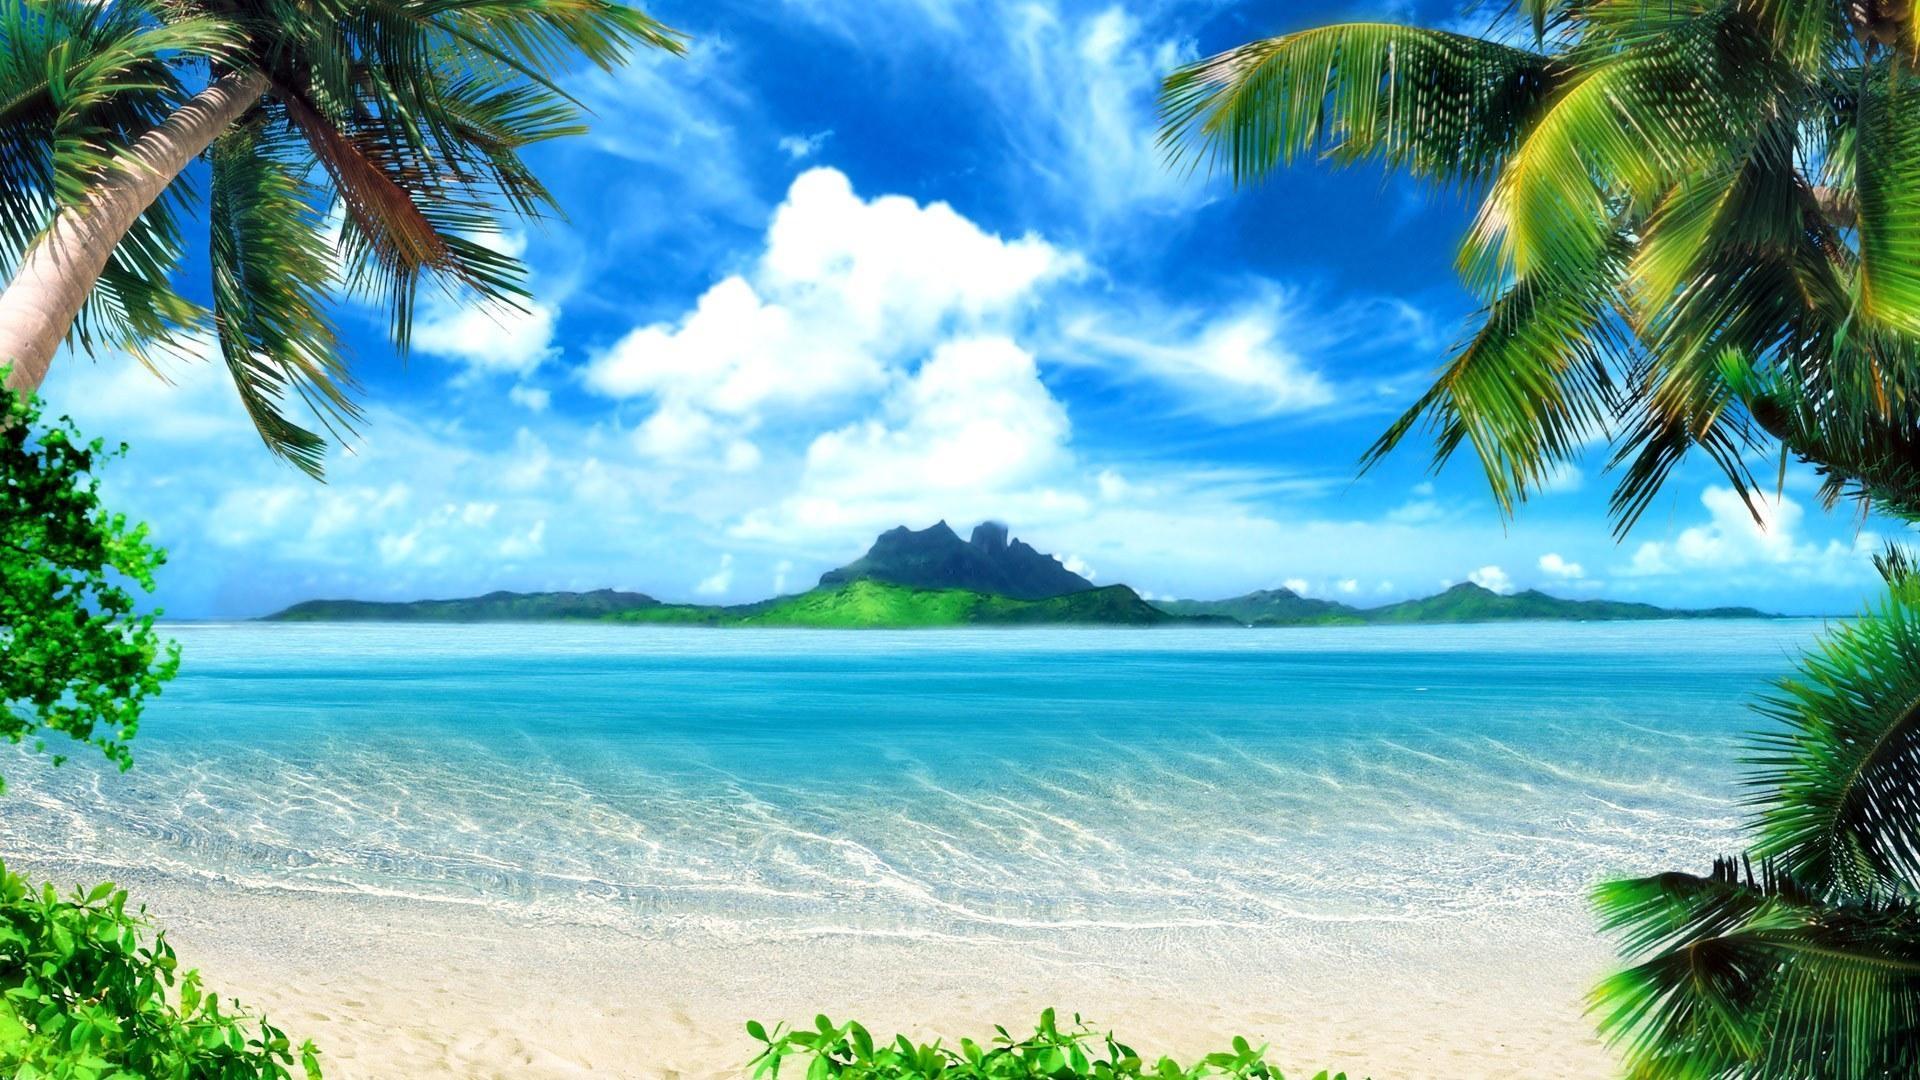 Fondos de pantalla costa azur recurso cielo nubes solarly palmeras marco playa - Playa wallpaper ...